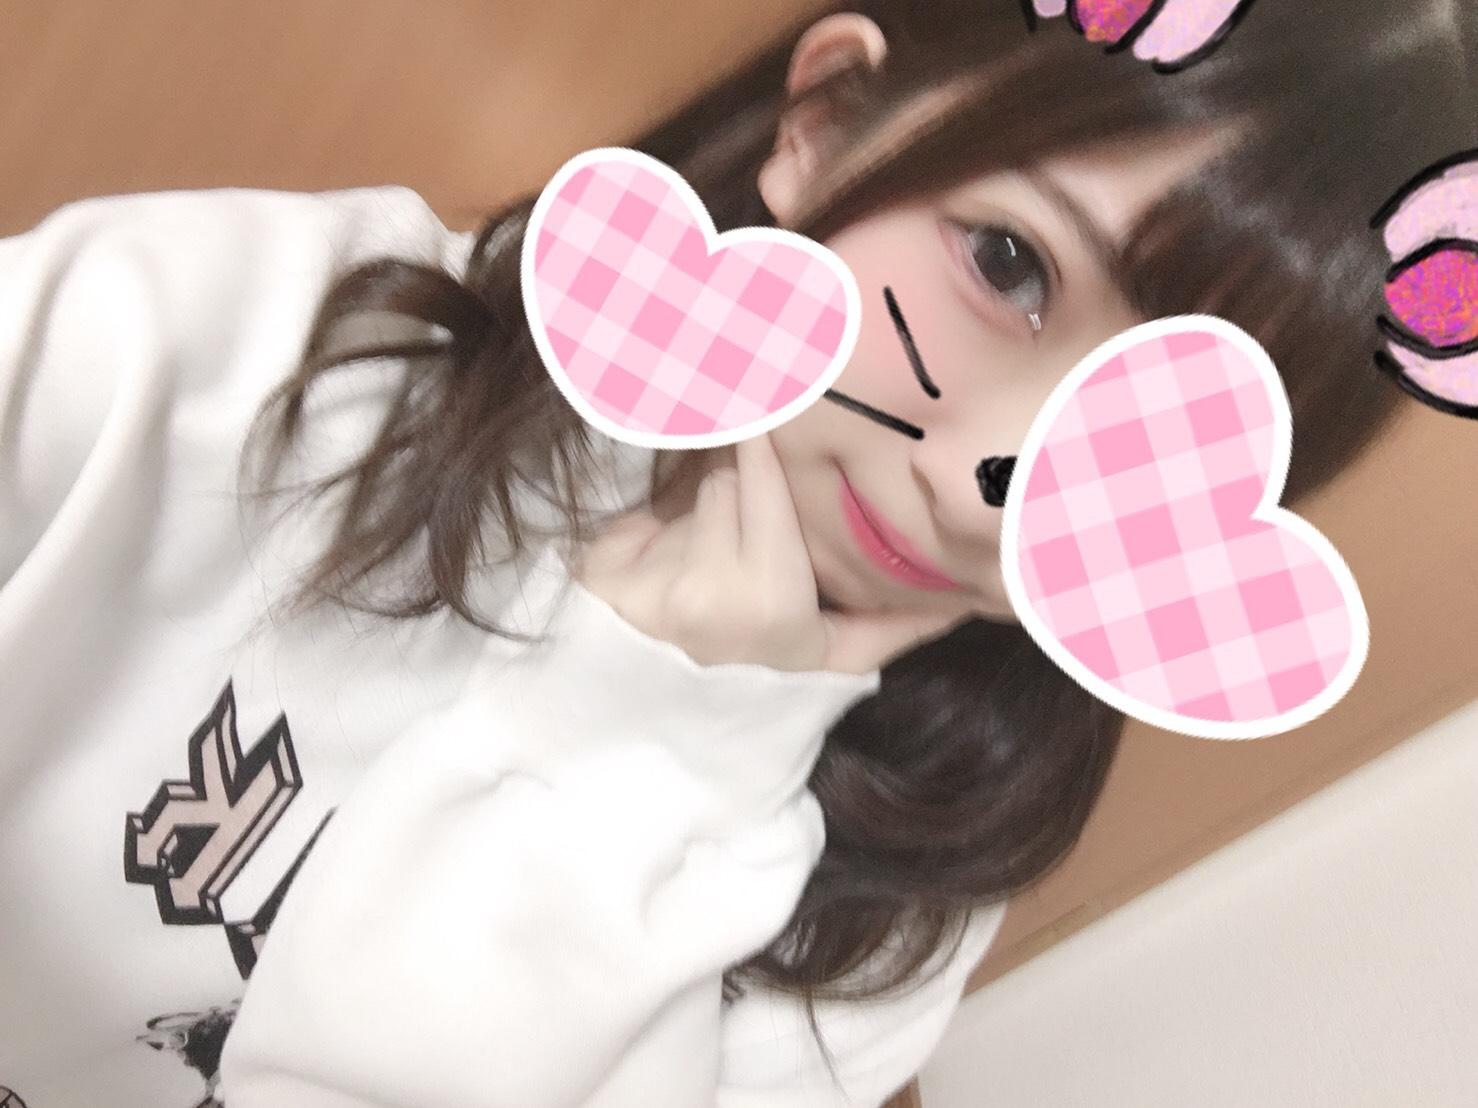 ユキナ-3/12 体入-